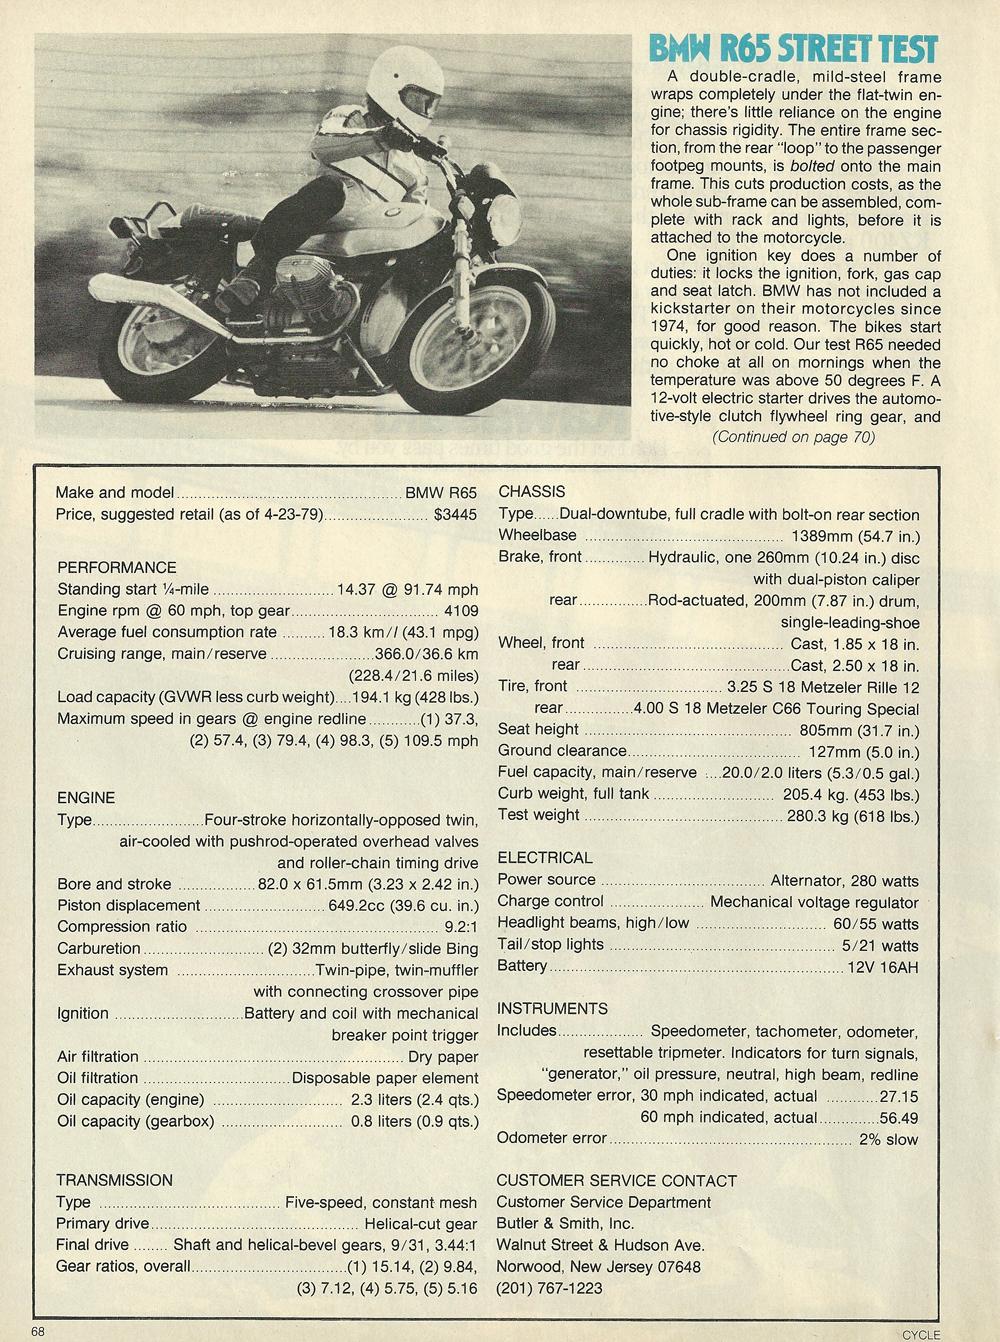 1979 BMW R65 road test 7.jpg